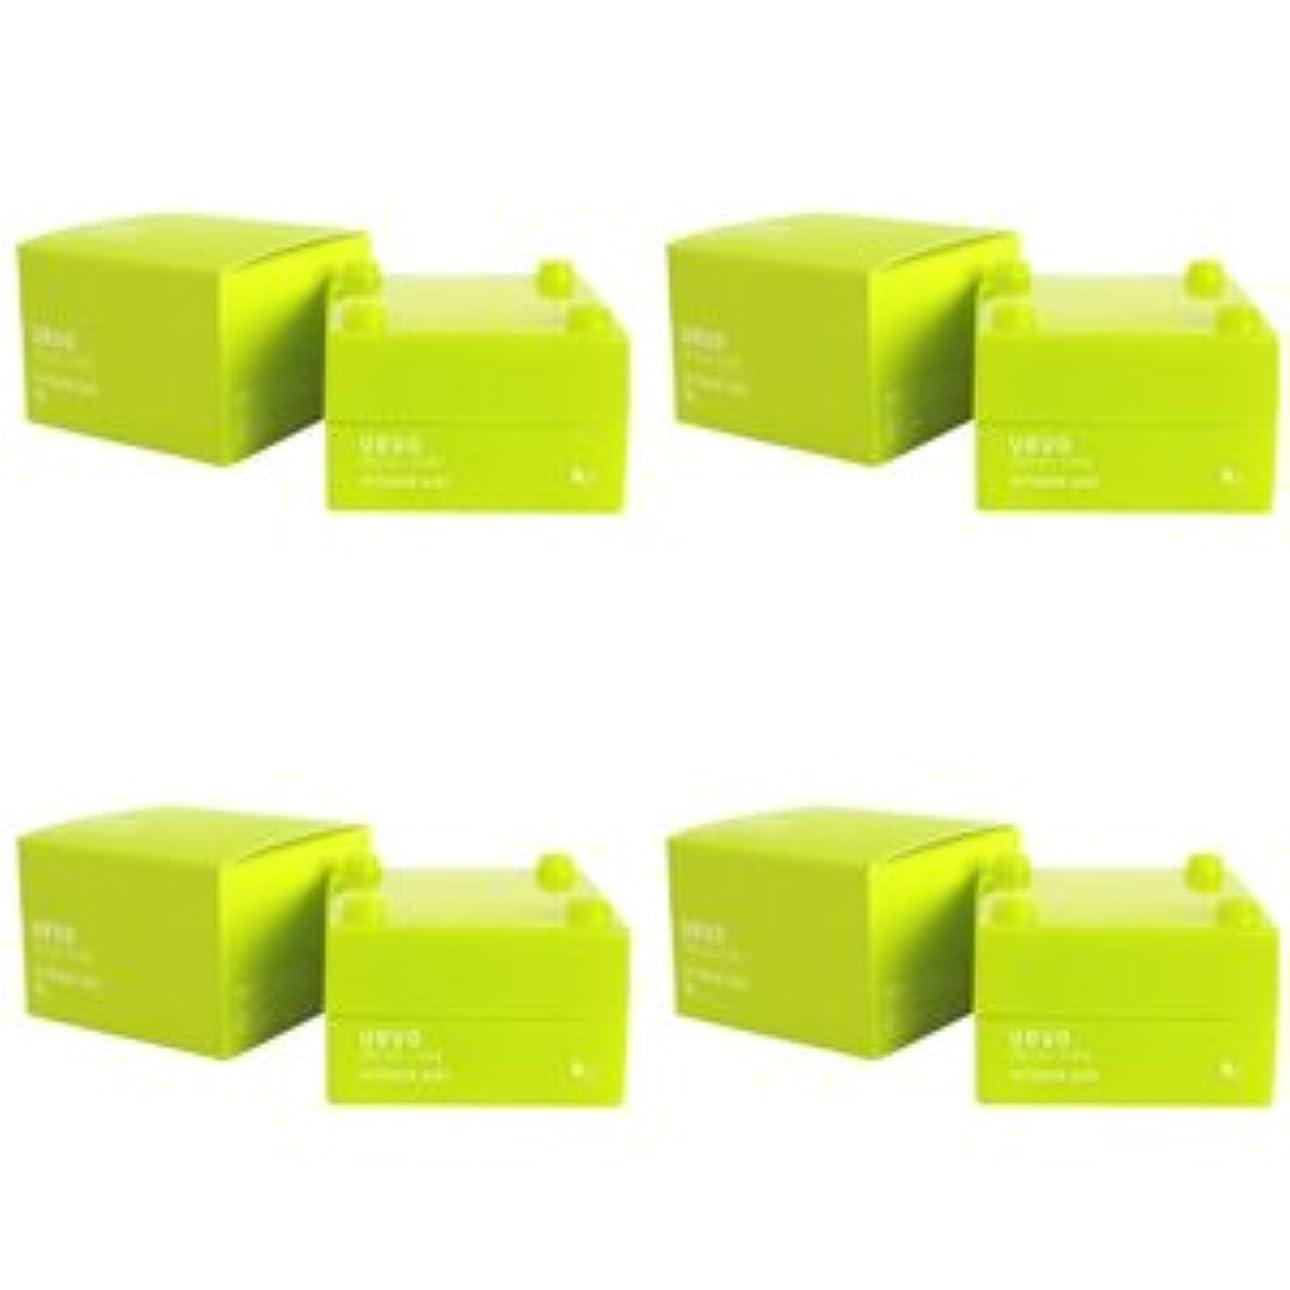 不倫肌寒いポイント【X4個セット】 デミ ウェーボ デザインキューブ エアルーズワックス 30g airloose wax DEMI uevo design cube